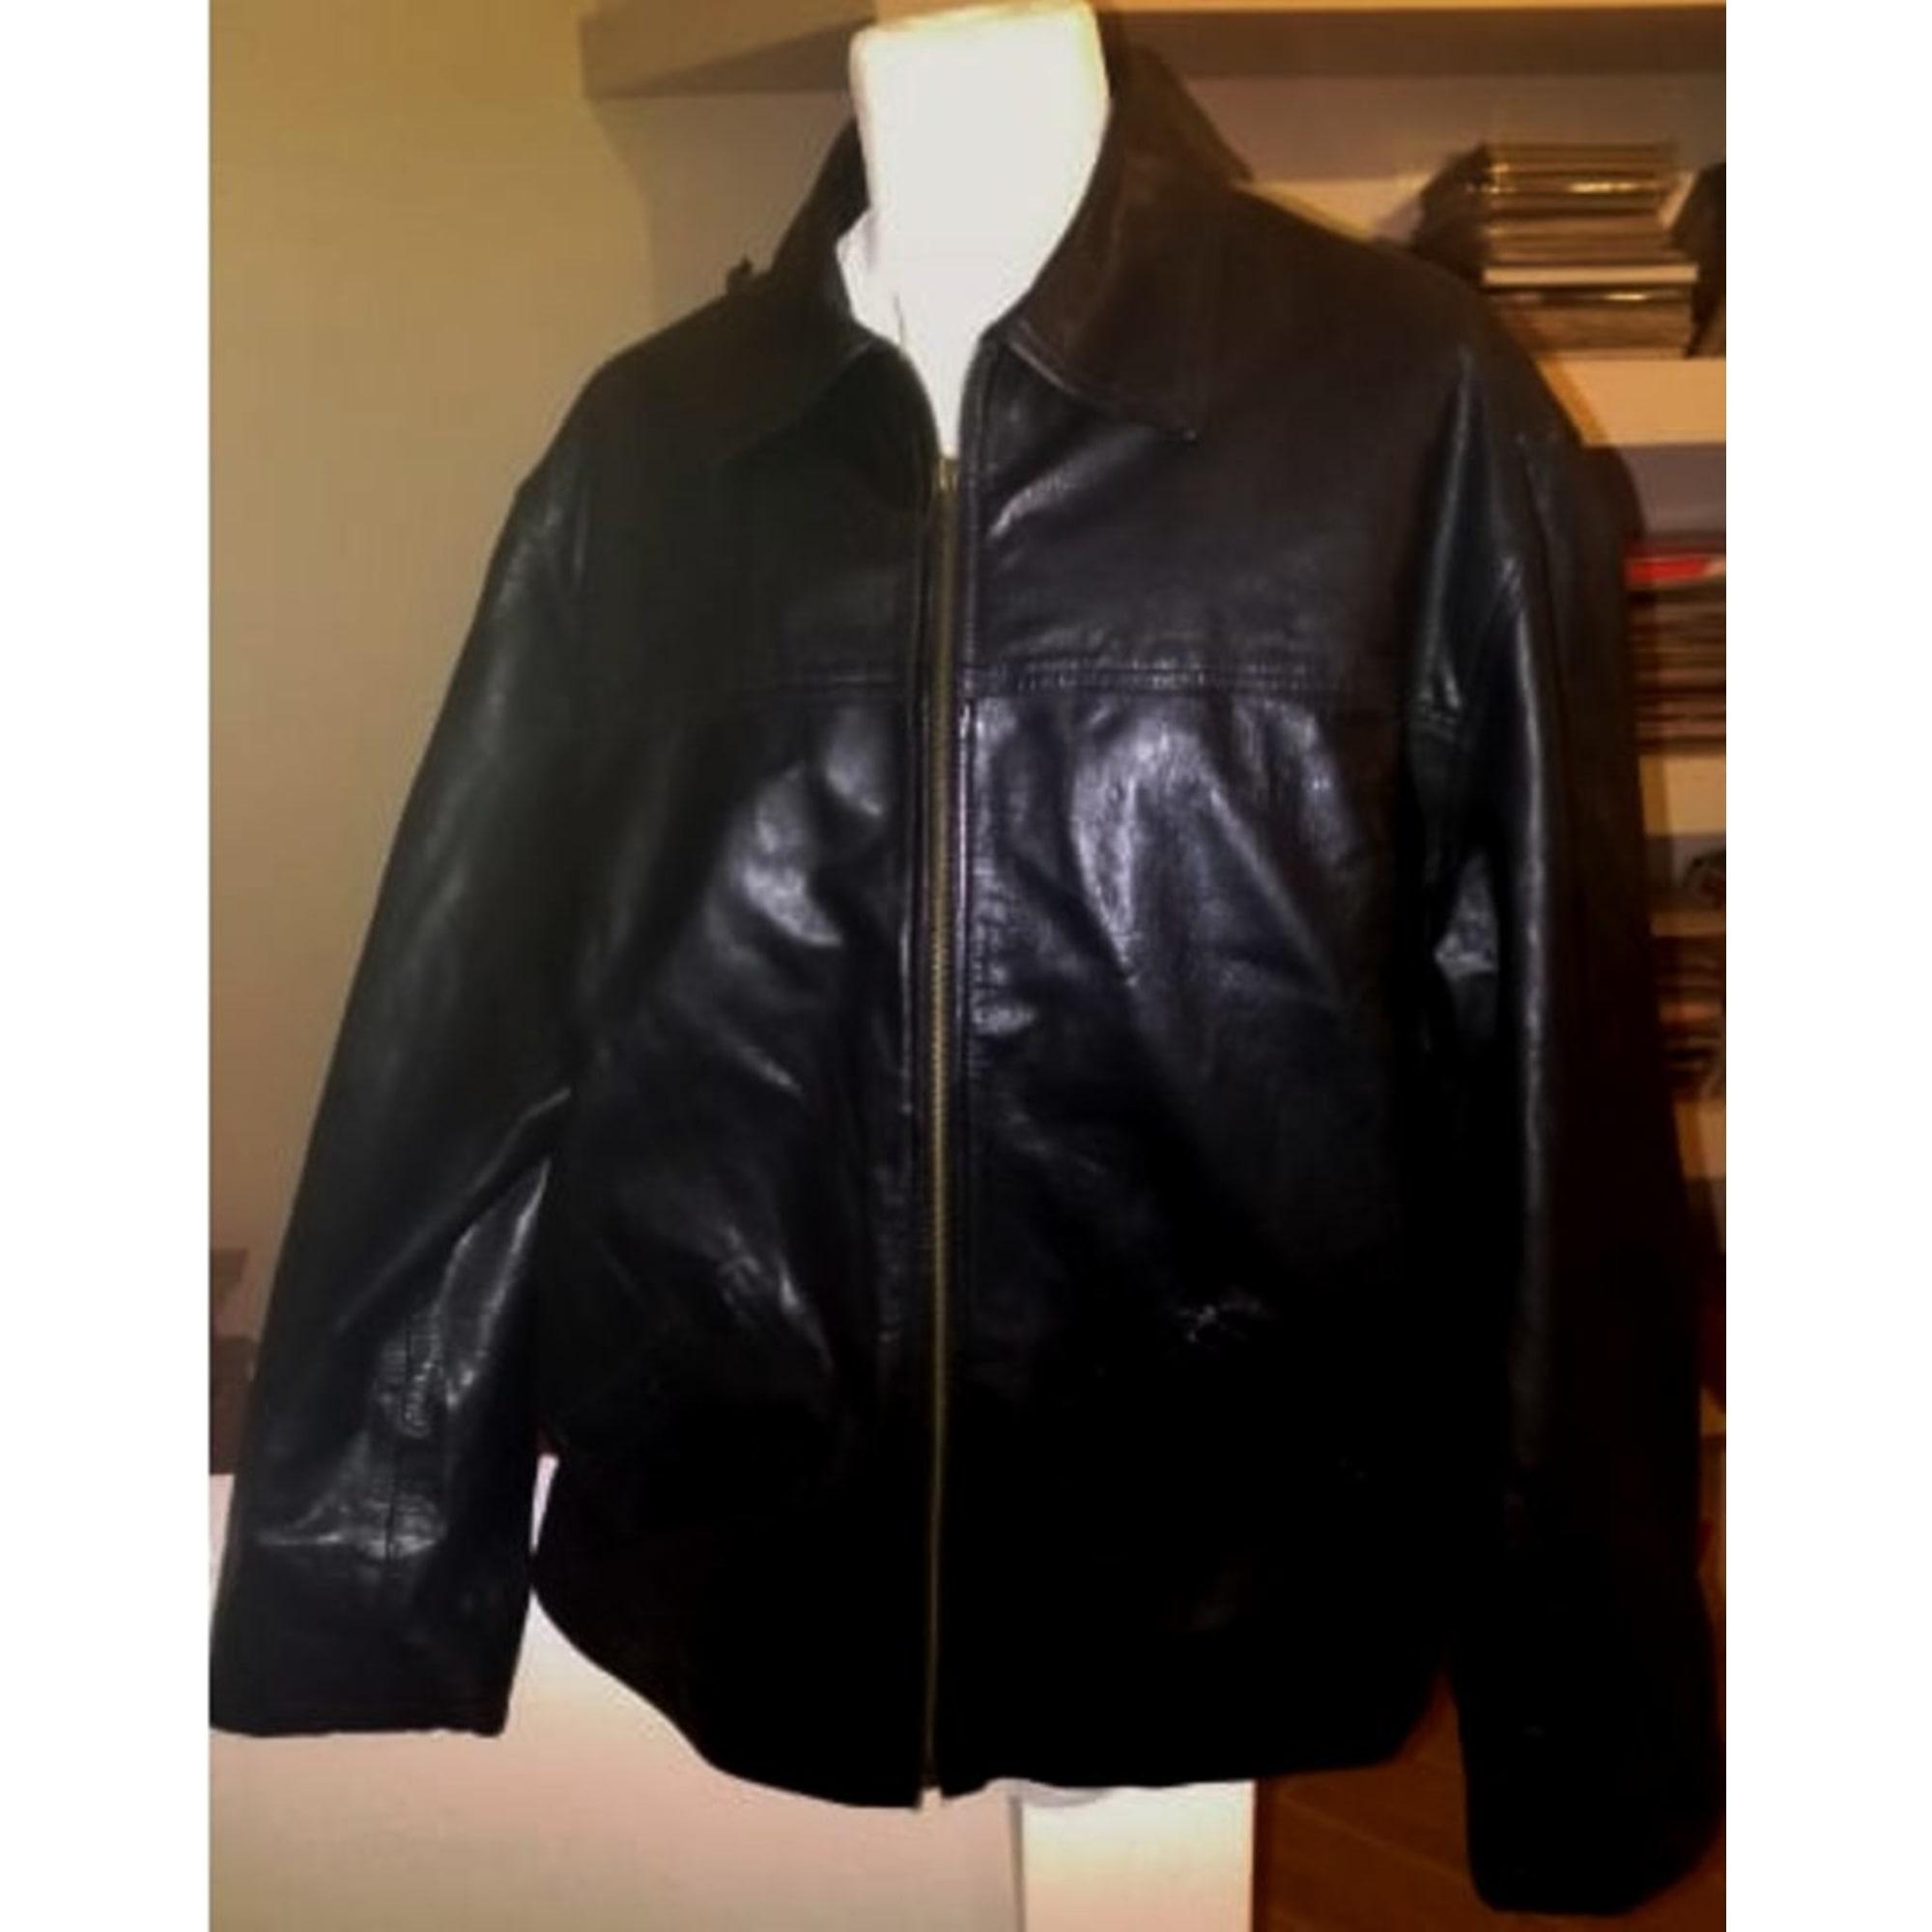 Blouson en cuir CONBIPEL 54 (L) noir - 7043046 d6dccbf4a66